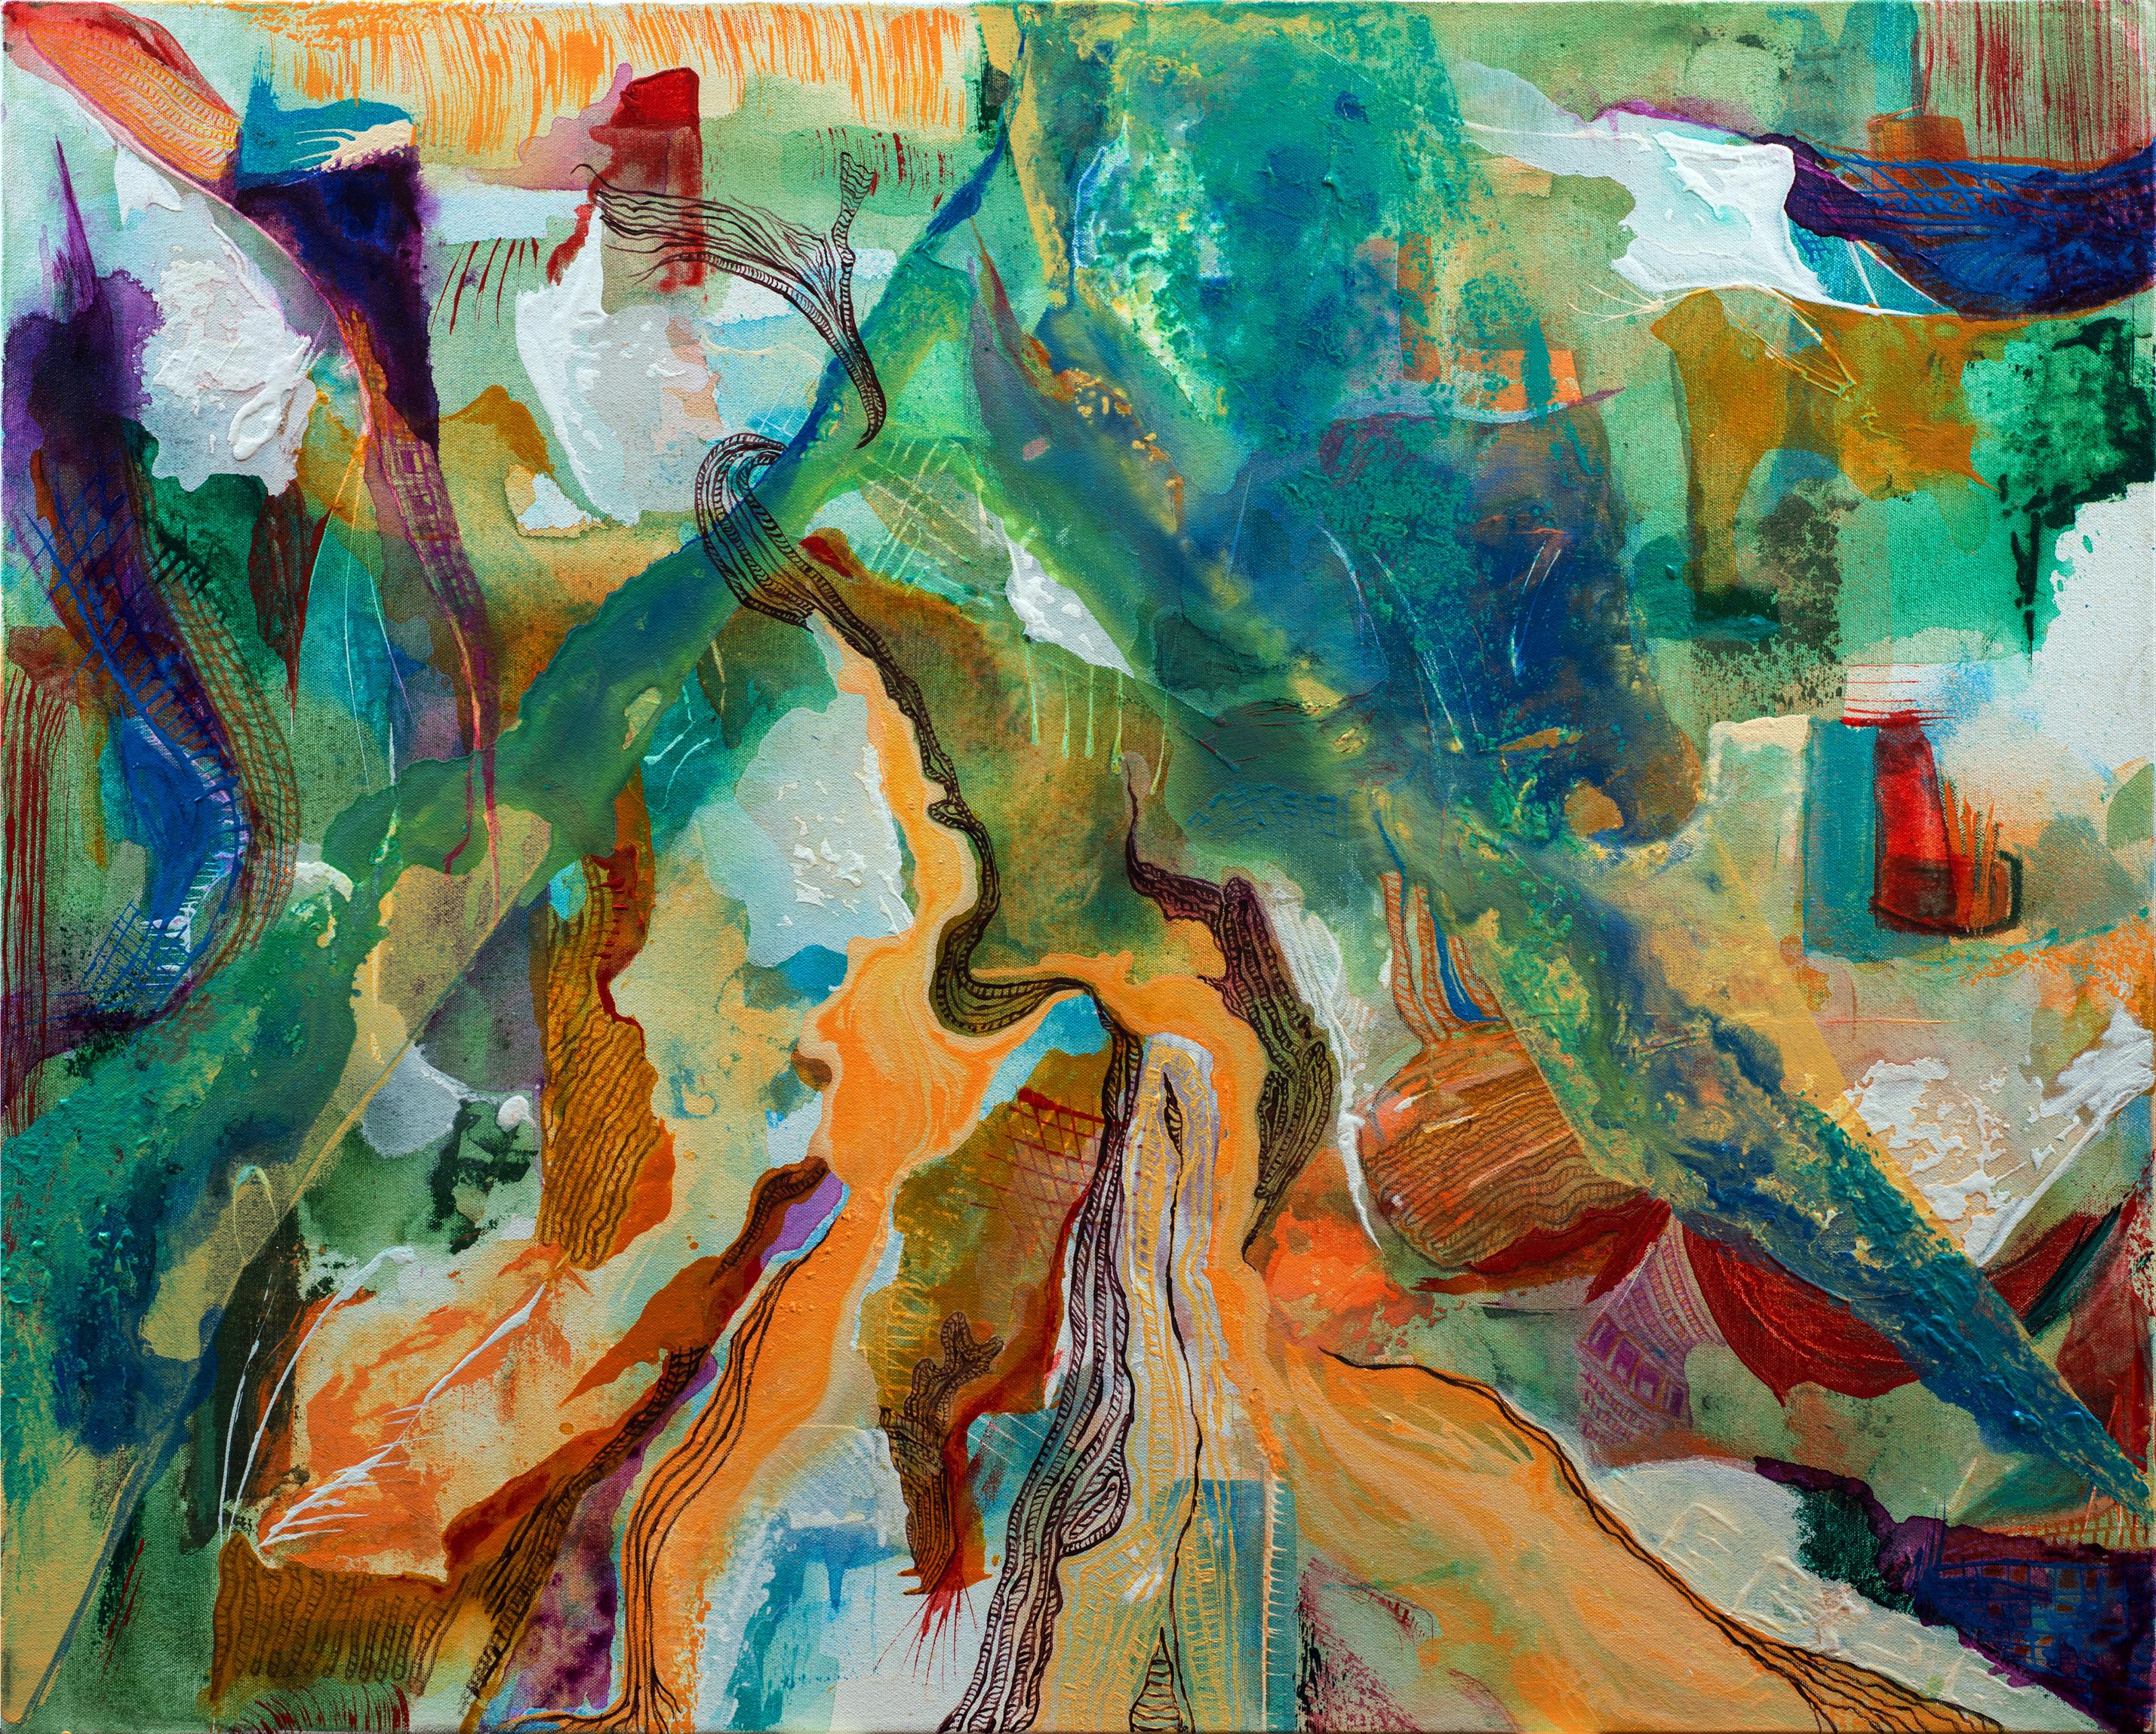 ויהי יום ציור אבסטרקט בצבעים רכים